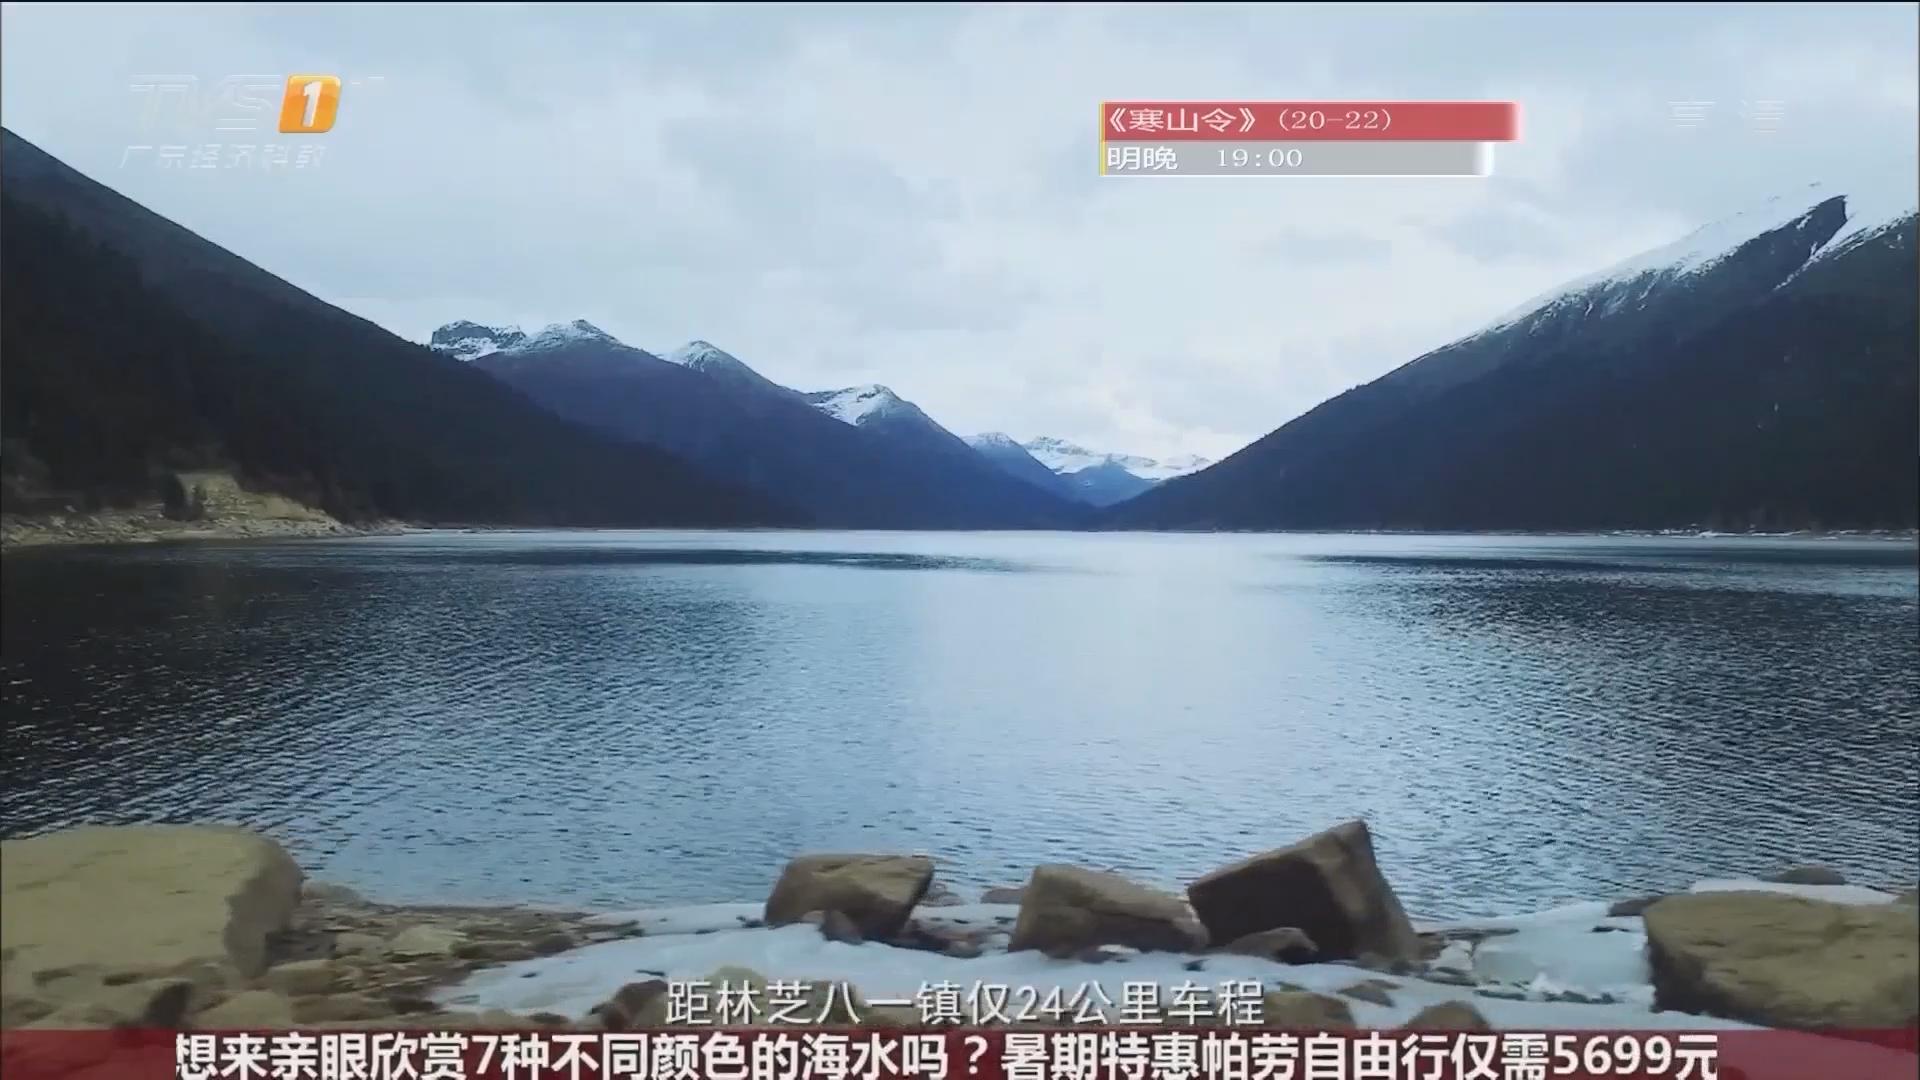 西藏旅游第一站——措木及日湖